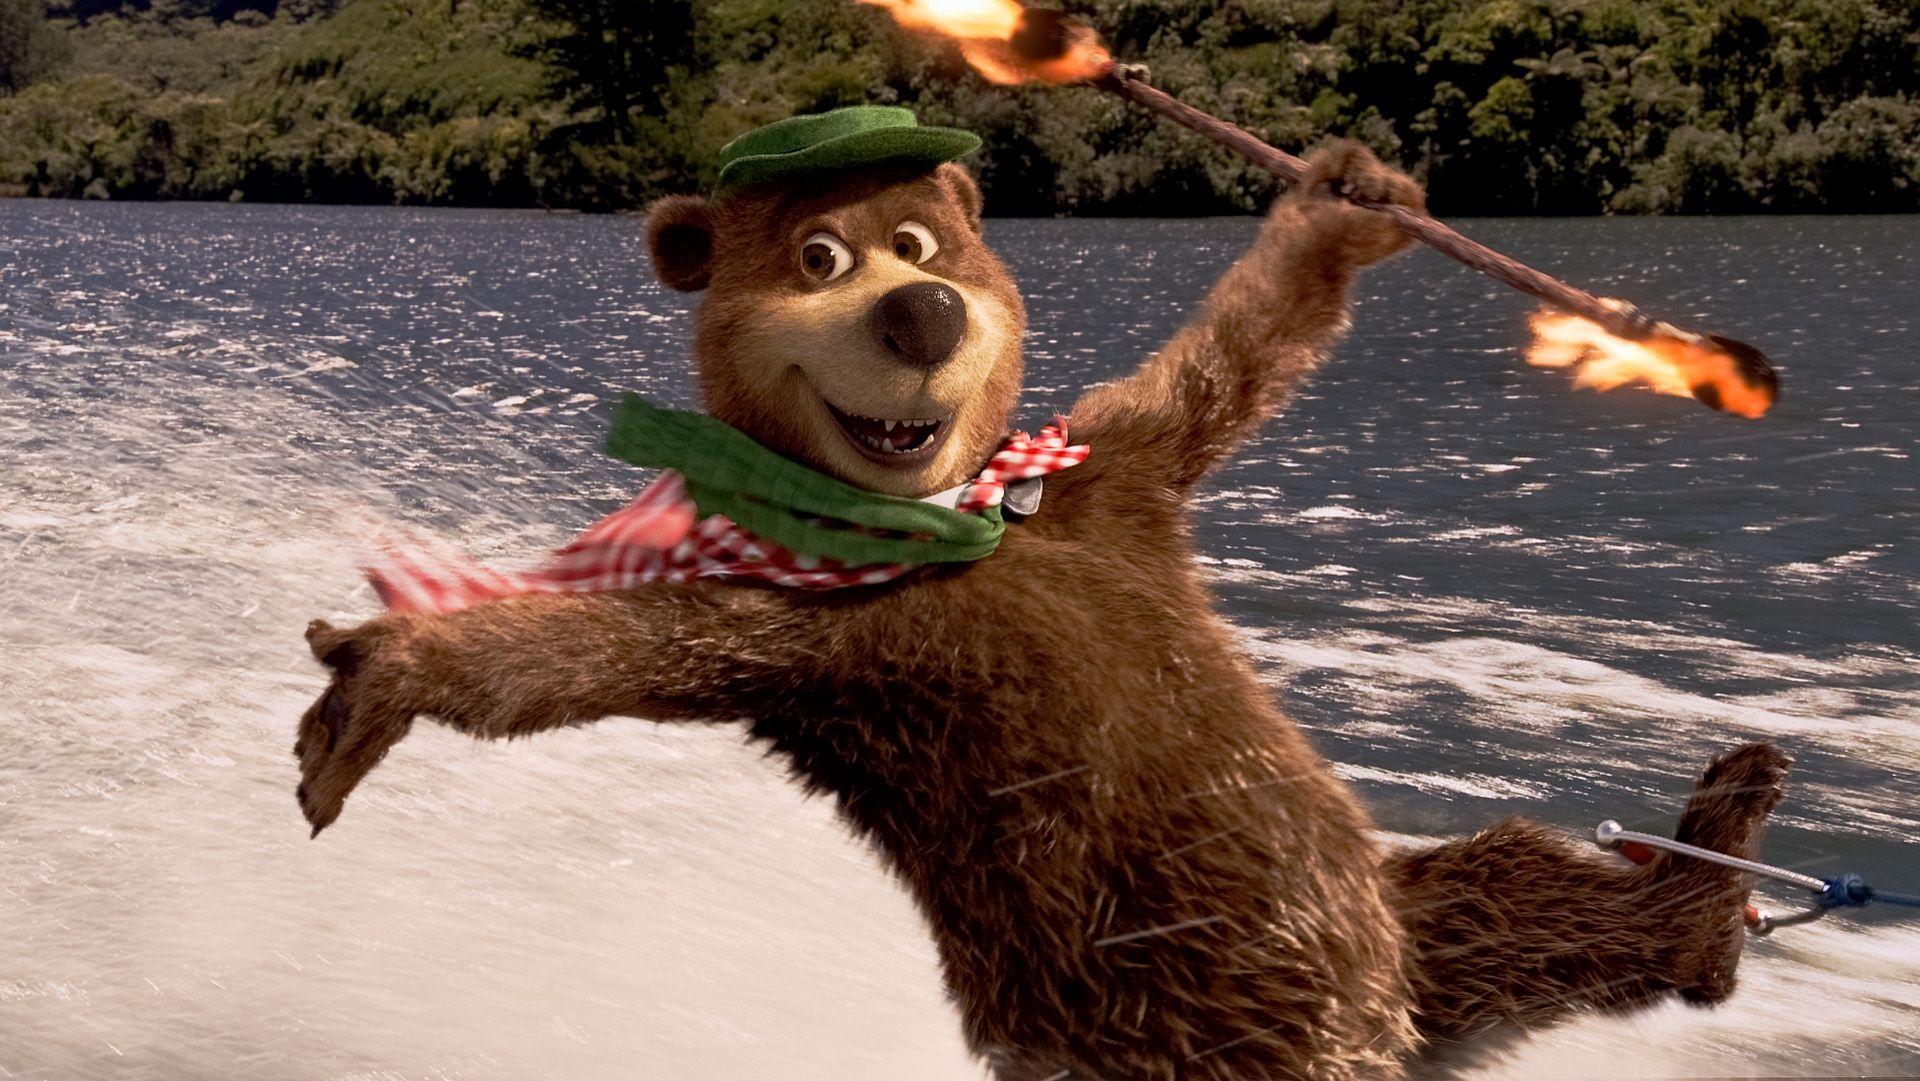 yogi bear 3d Google Search Wallpaper, Yogi bear, Yogi